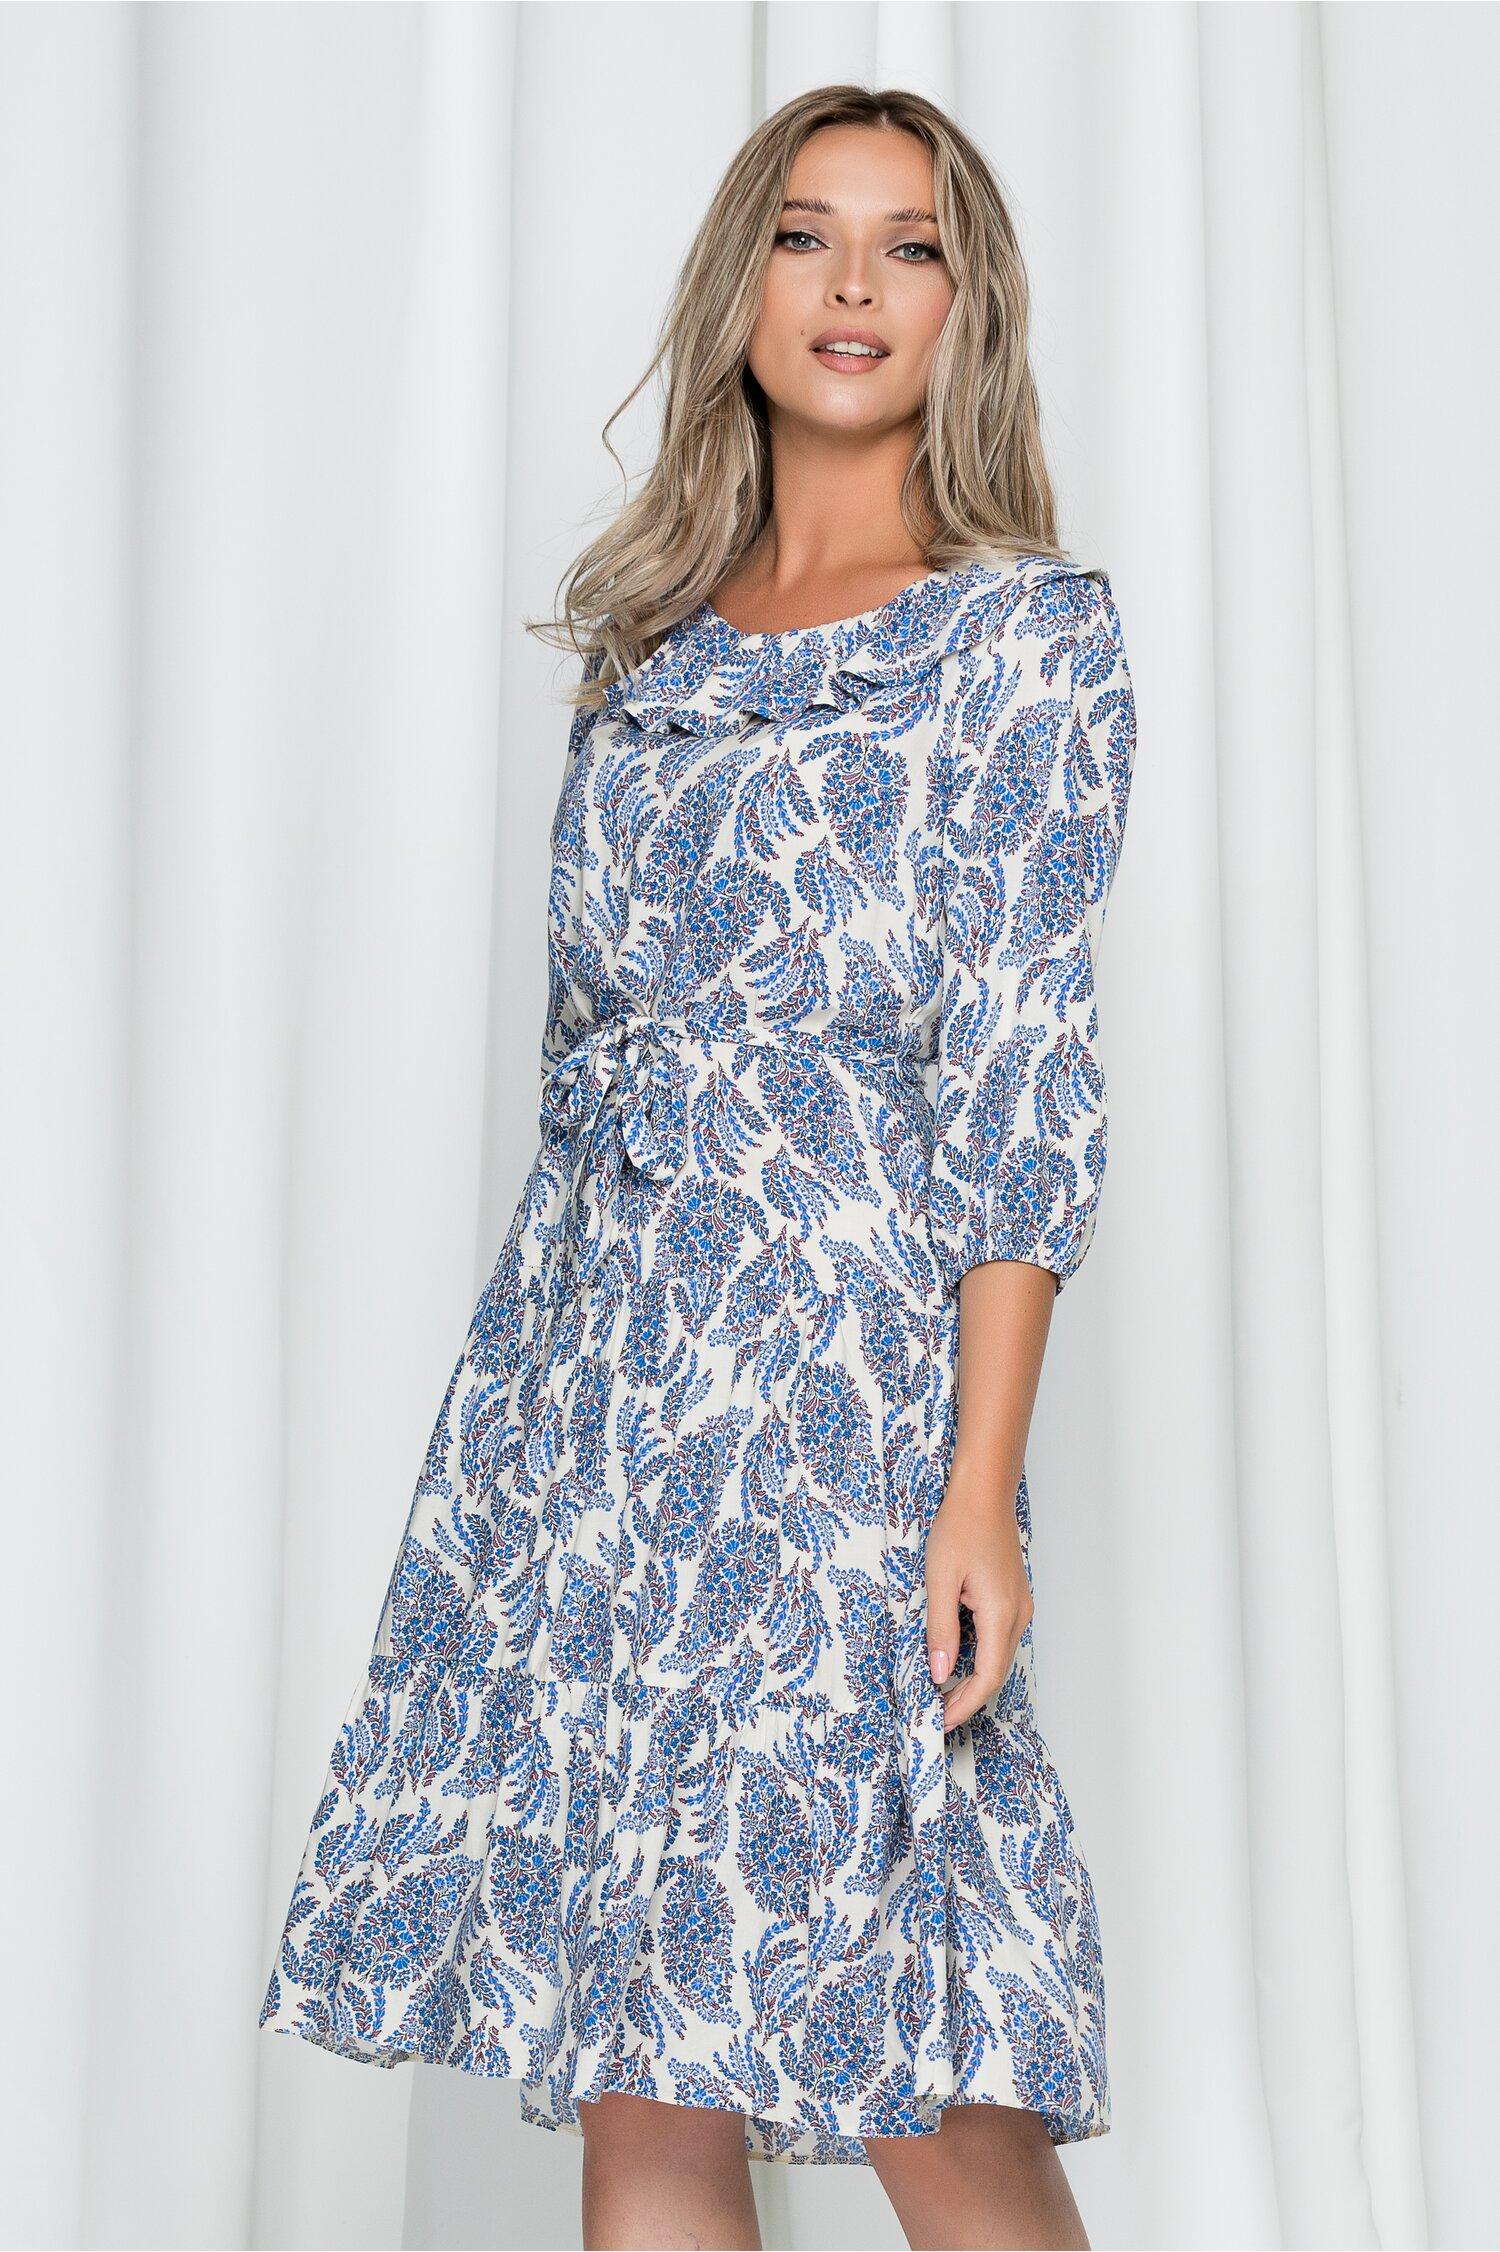 Rochie Selena alba cu imprimeu floral albastru si cordon in talie